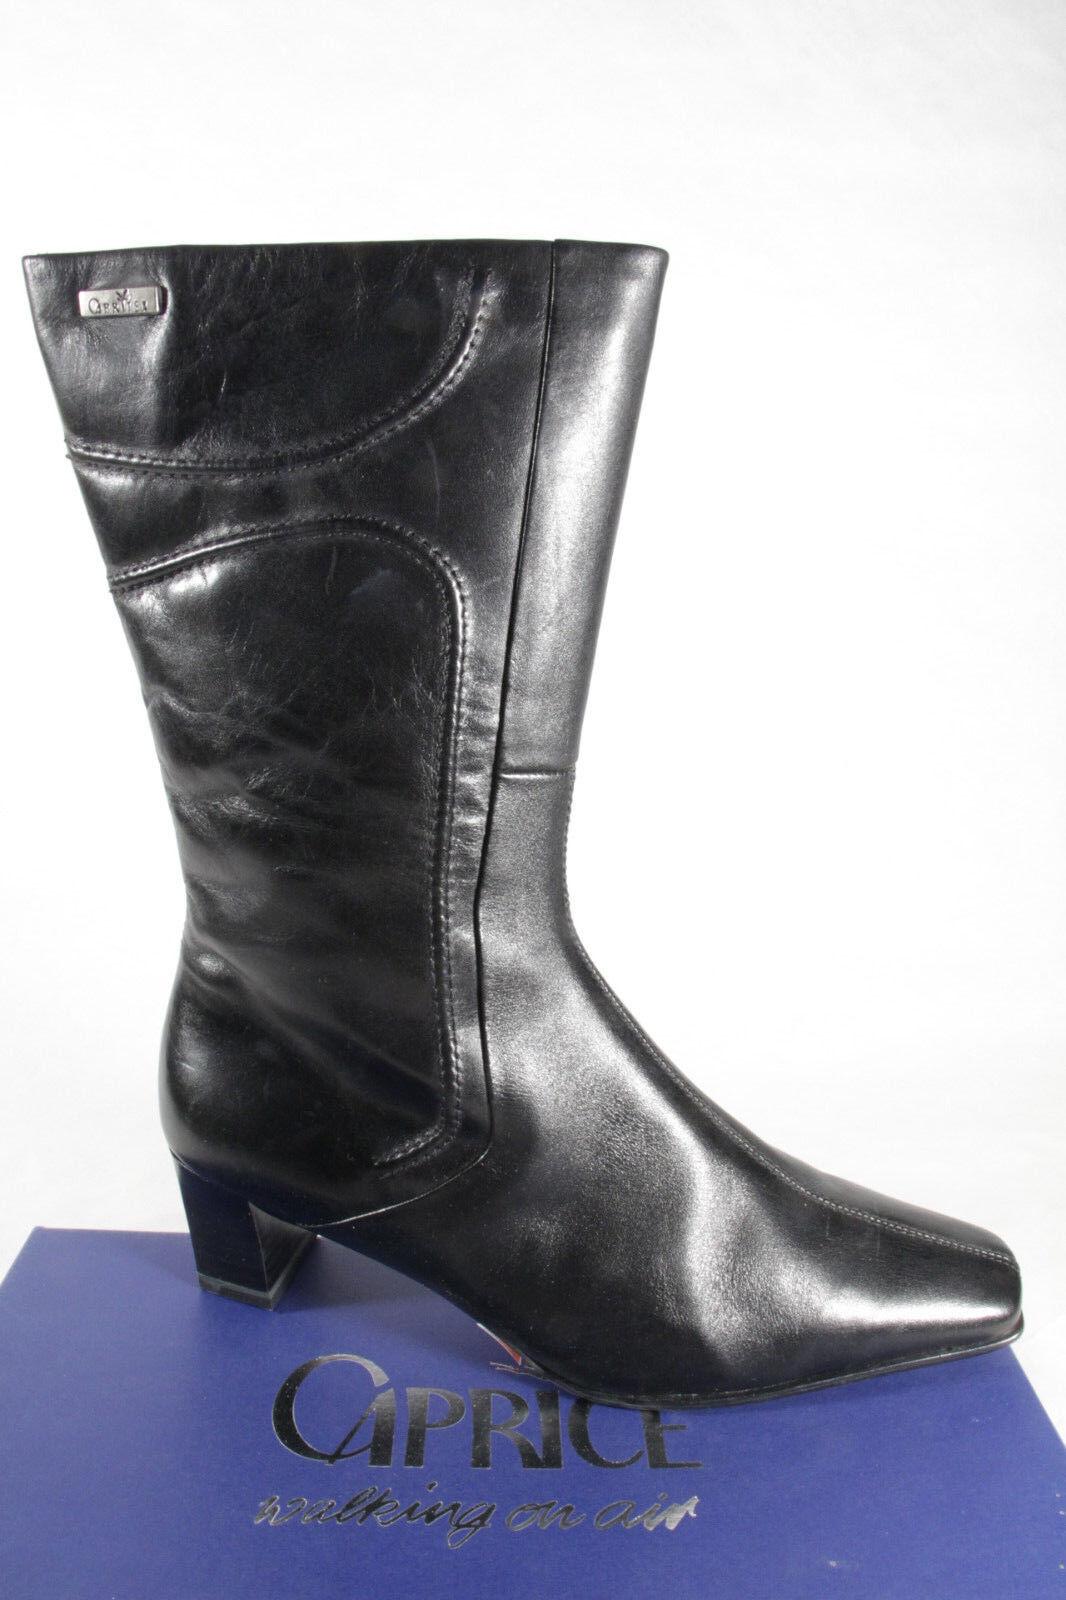 Caprice botas señora botas Caprice negro cuero genuino nuevo 49e411